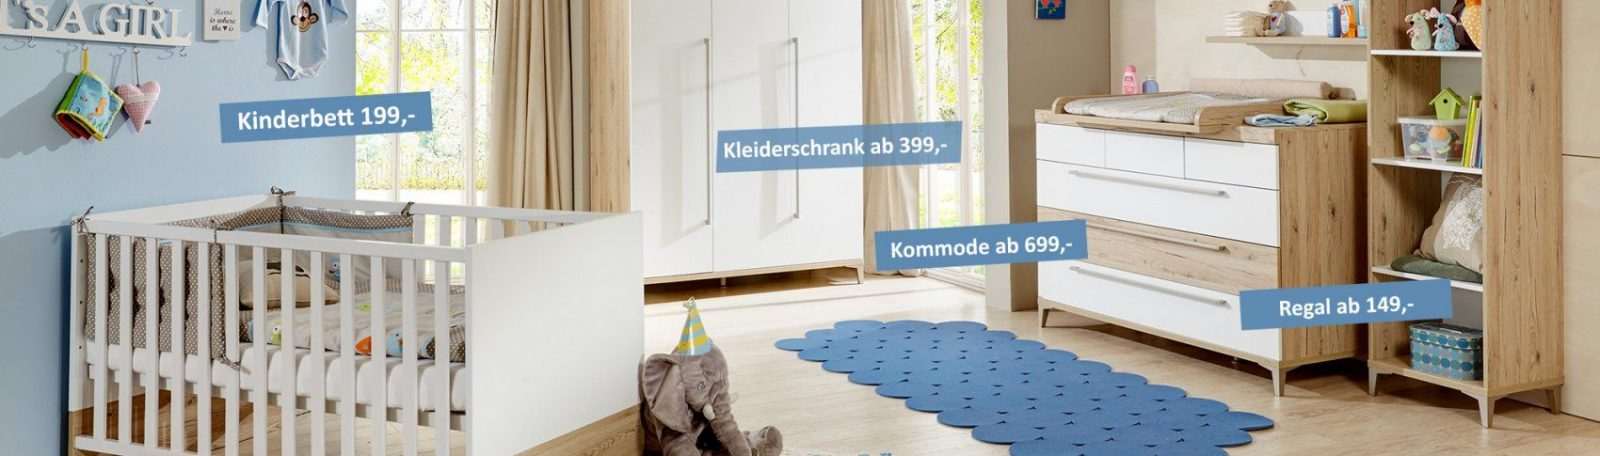 Möbel Für Kinder Und Babyzimmer Bei Möbel Rehmann In Velbert von Möbel Rehmann Essen Steele Photo